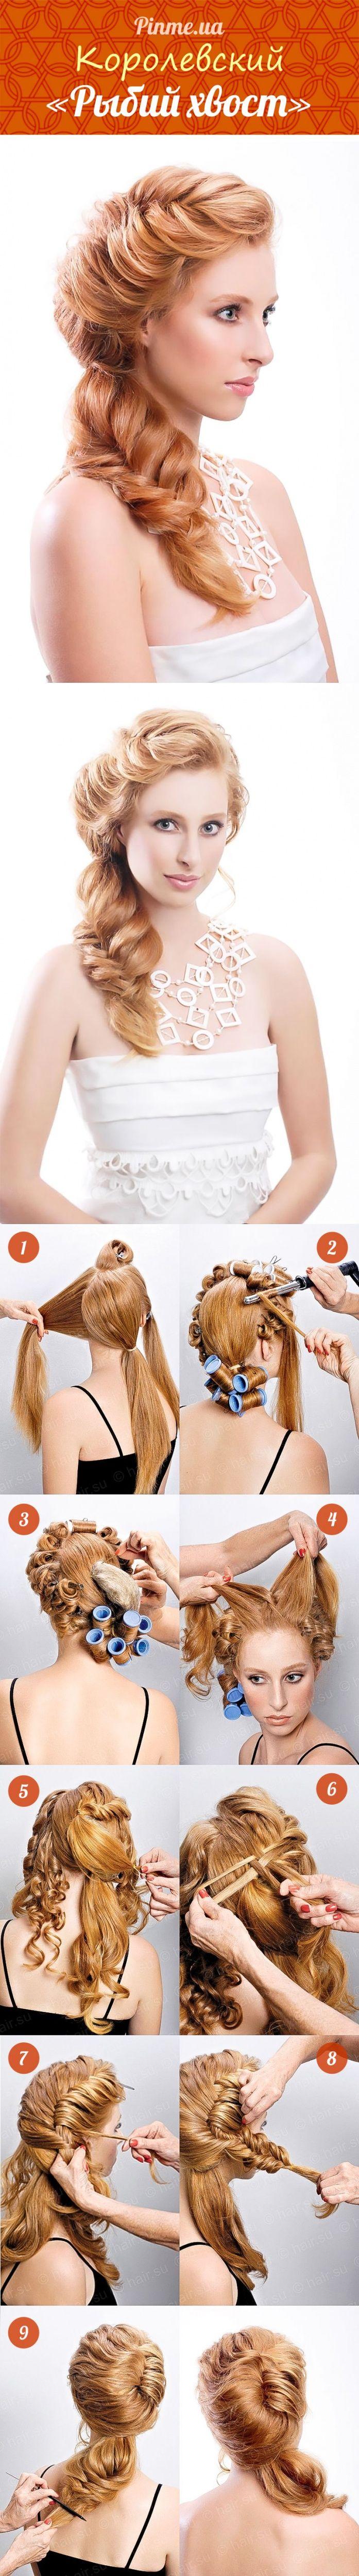 Плетение кос с лентой пошаговая инструкция с 61